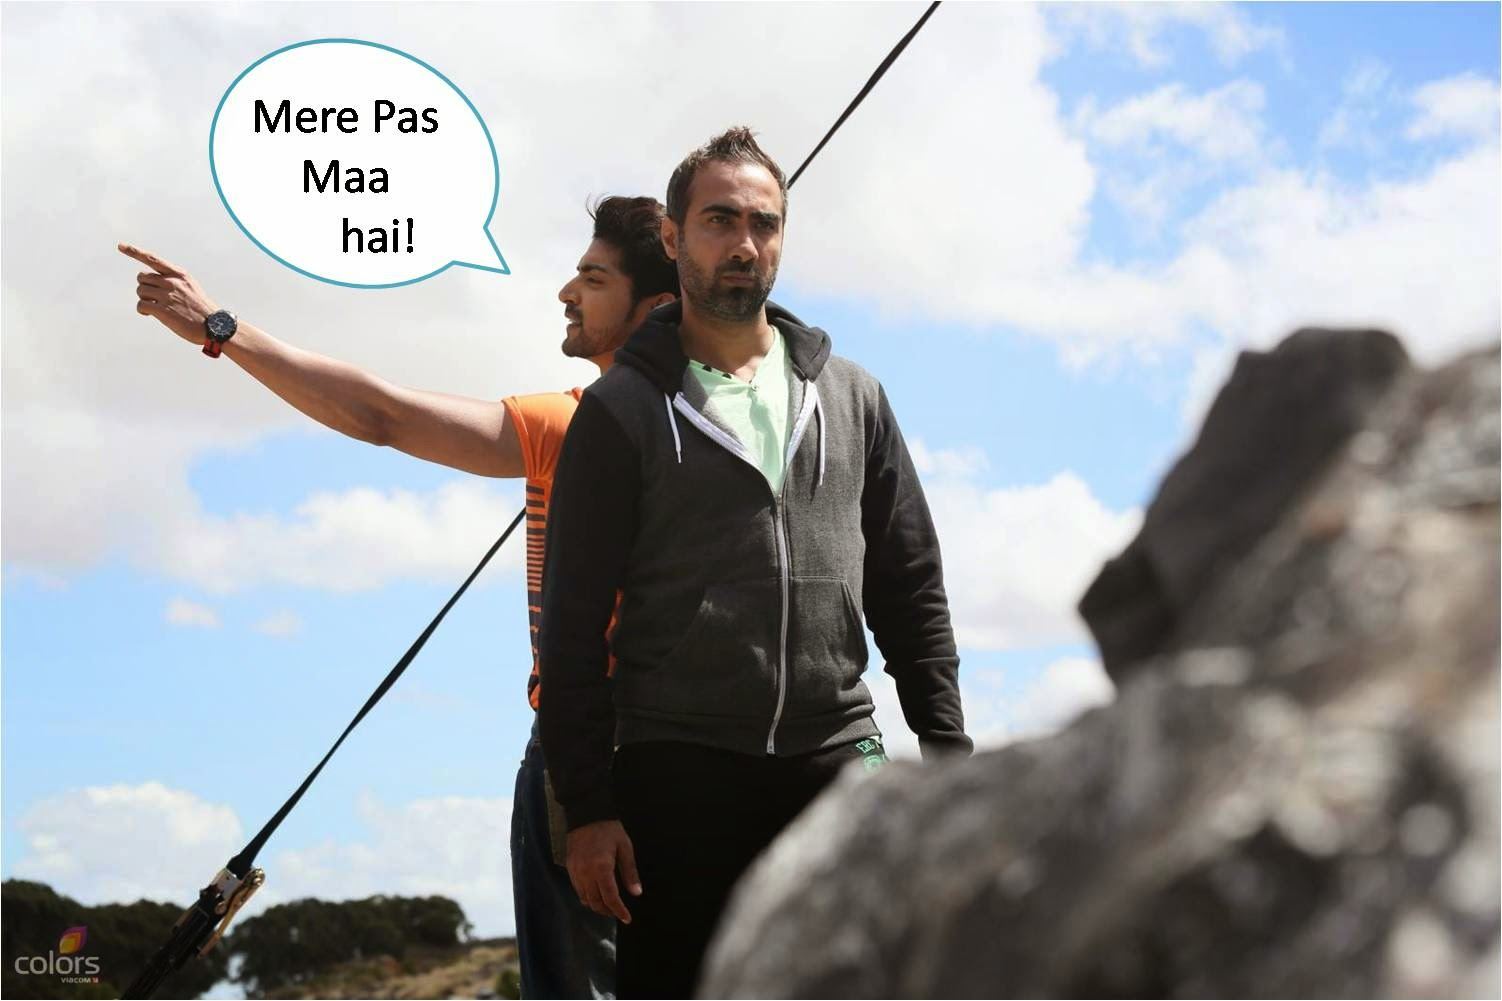 Mere paas Maa hai dialogue by Gurmeet in Fear Factor Khatron Ke Khiladi